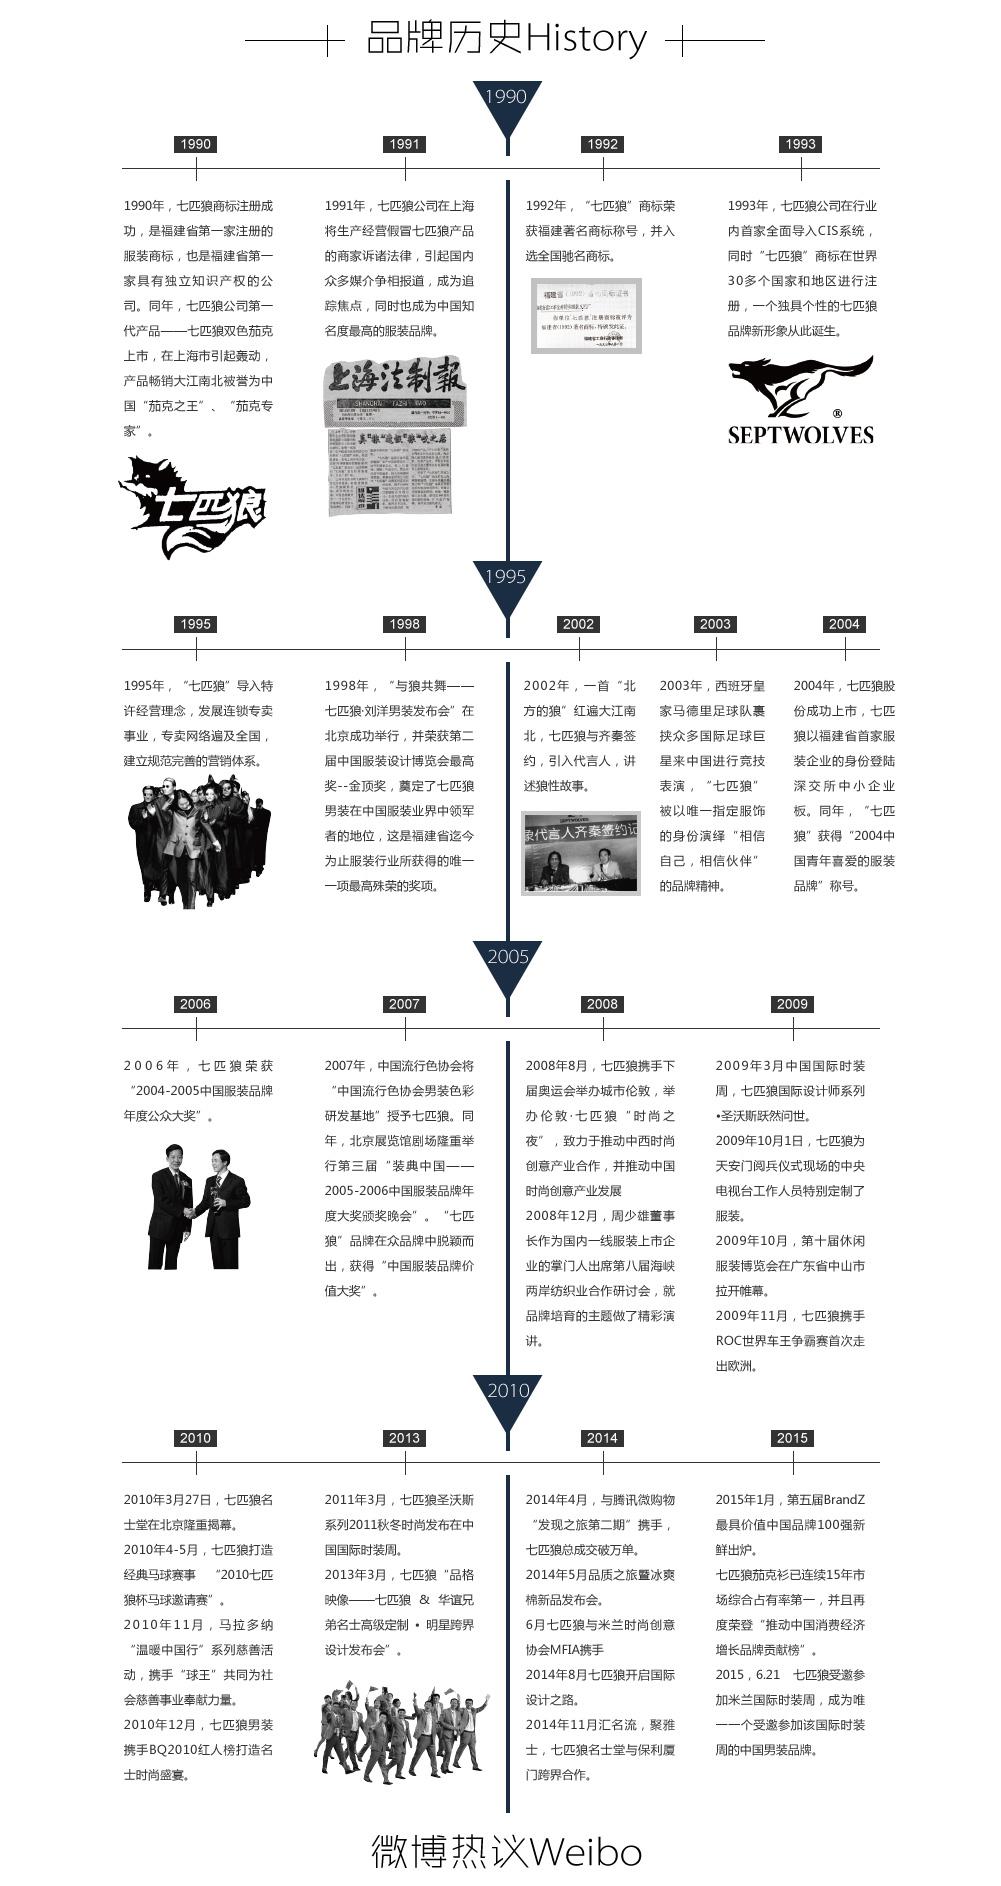 浪琴180年时间史诗_新浪时尚_新浪网